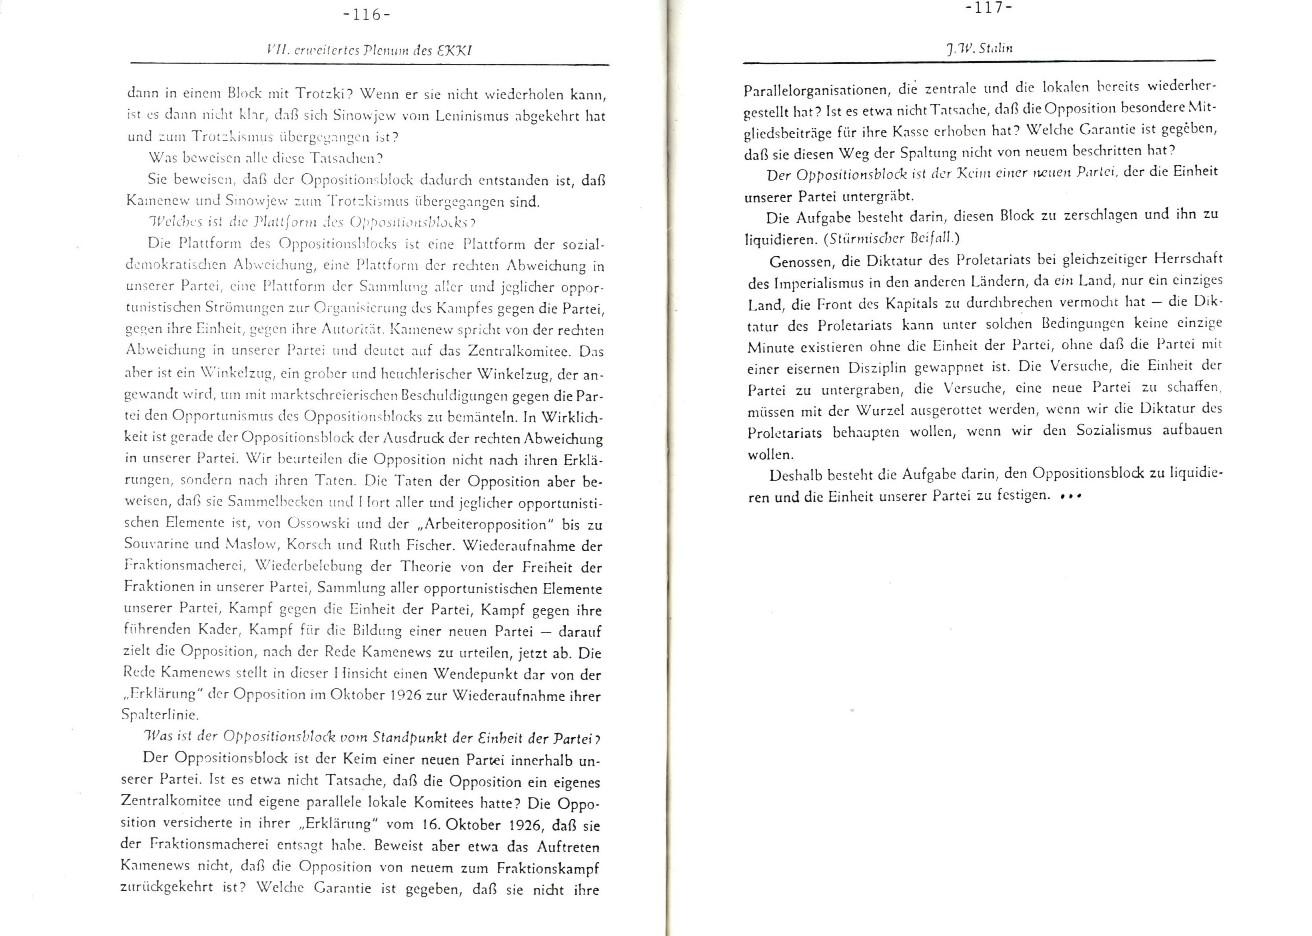 MLSK_Theorie_und_Praxis_des_ML_1979_25_59